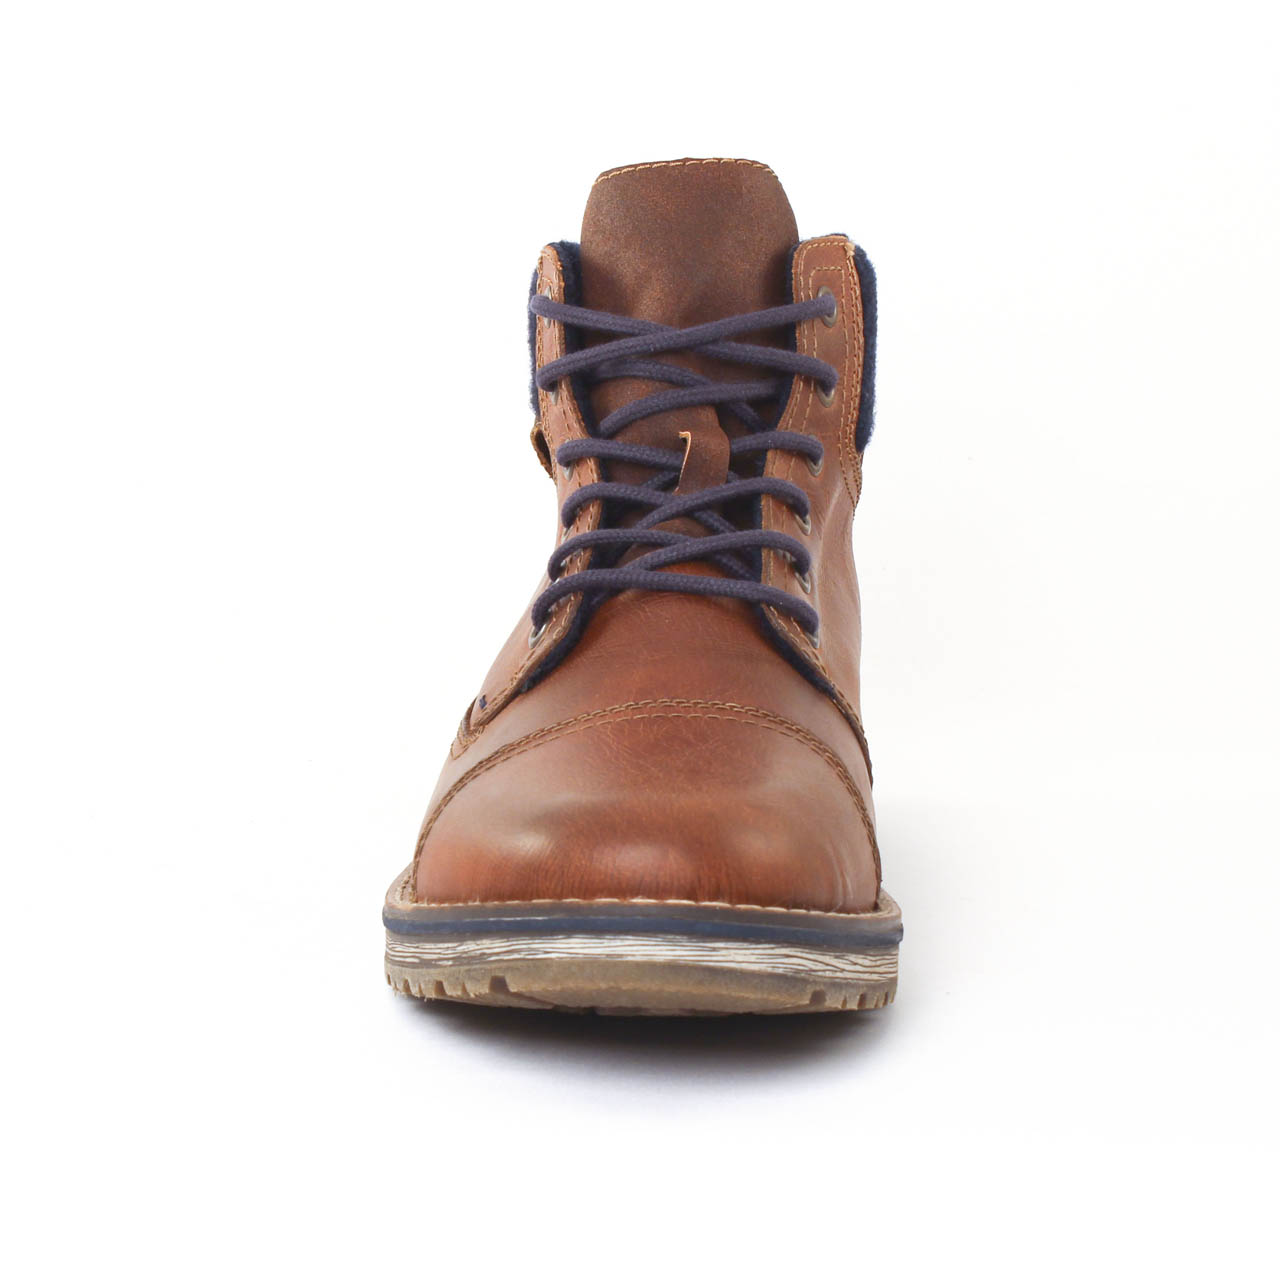 Rieker 39230 Marron   chaussure montantes marron automne